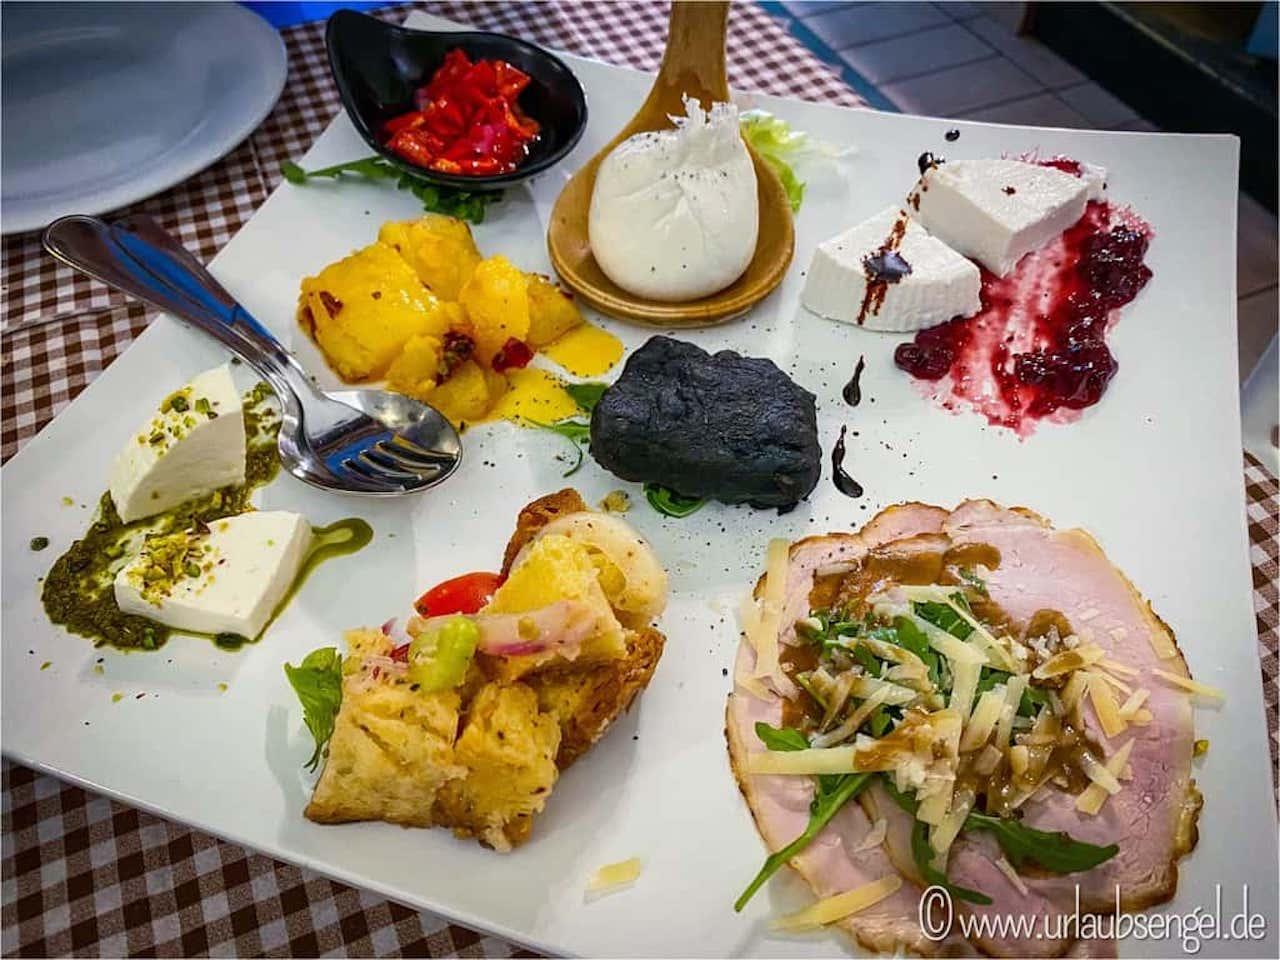 Kulinarische Highlights in der Osteria la Pignata